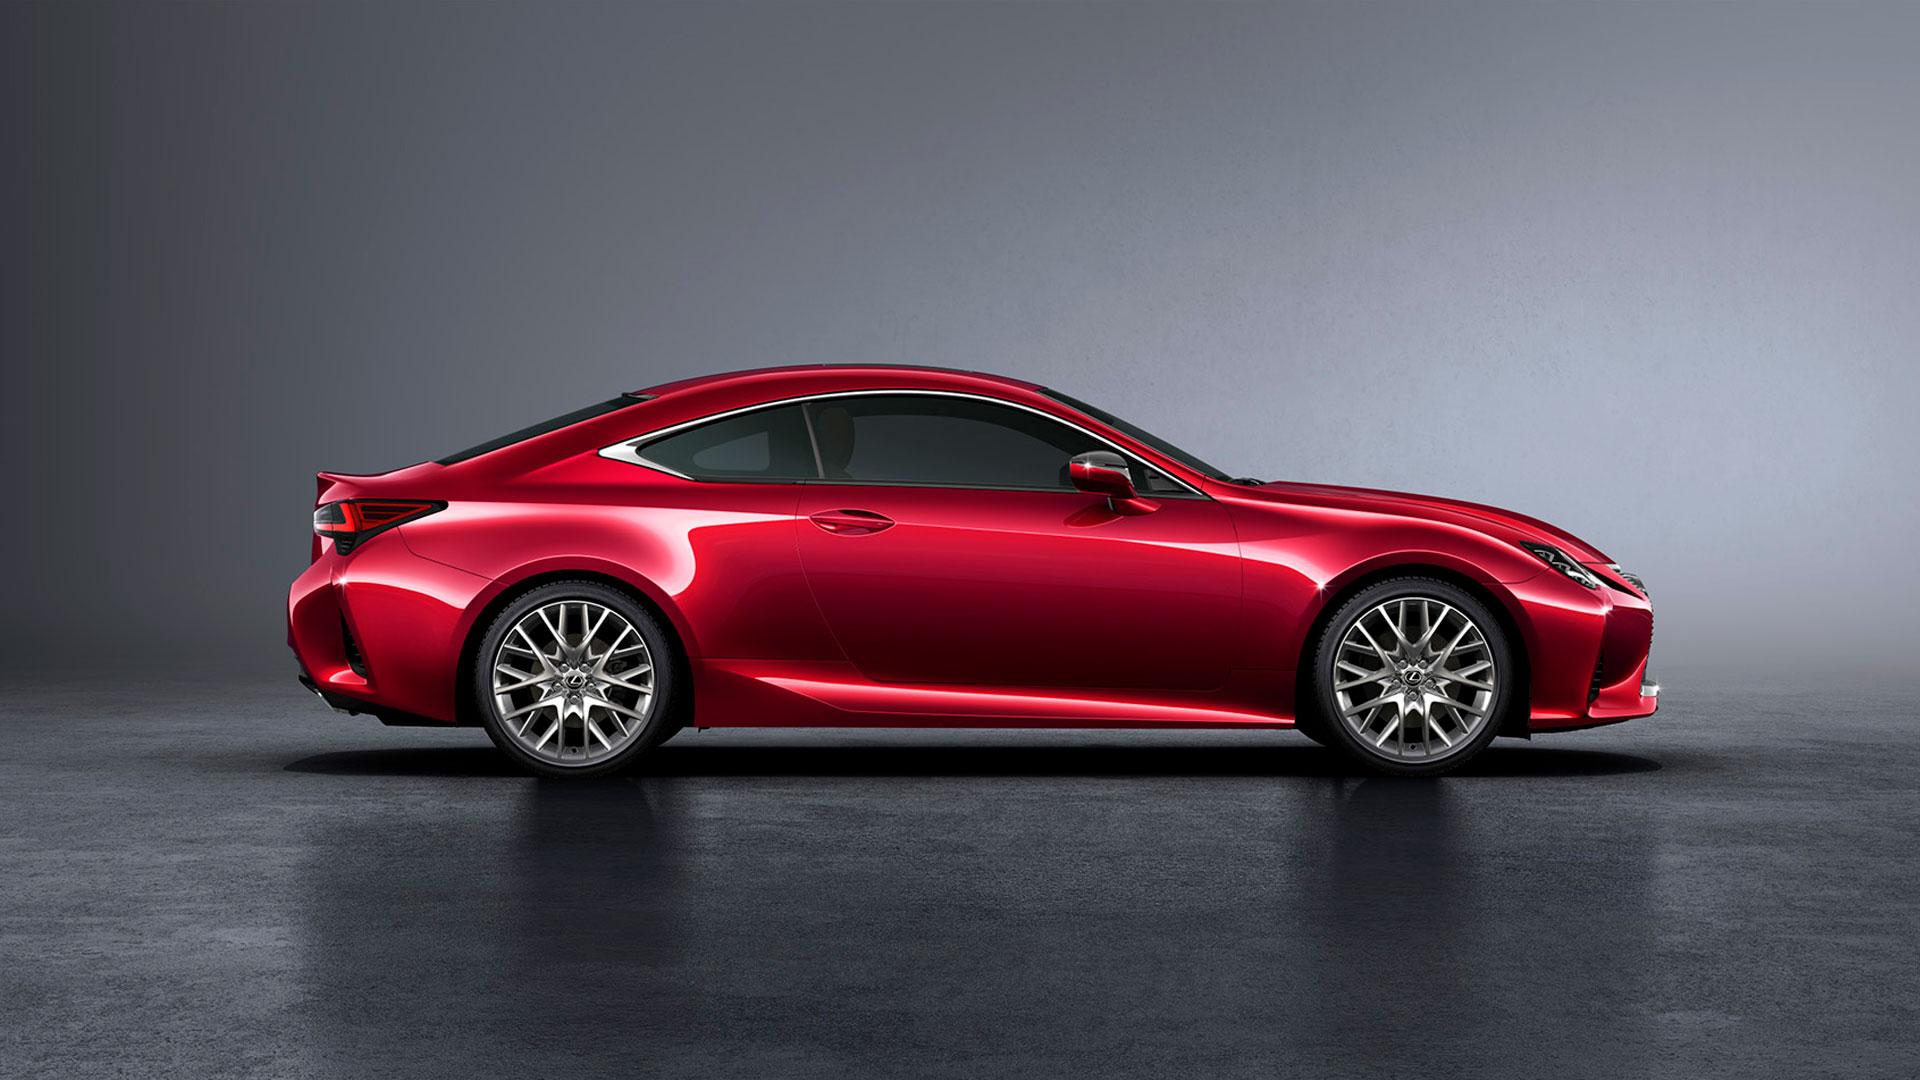 Imagen del nuevo coupé deportivo RC 300h en color rojo